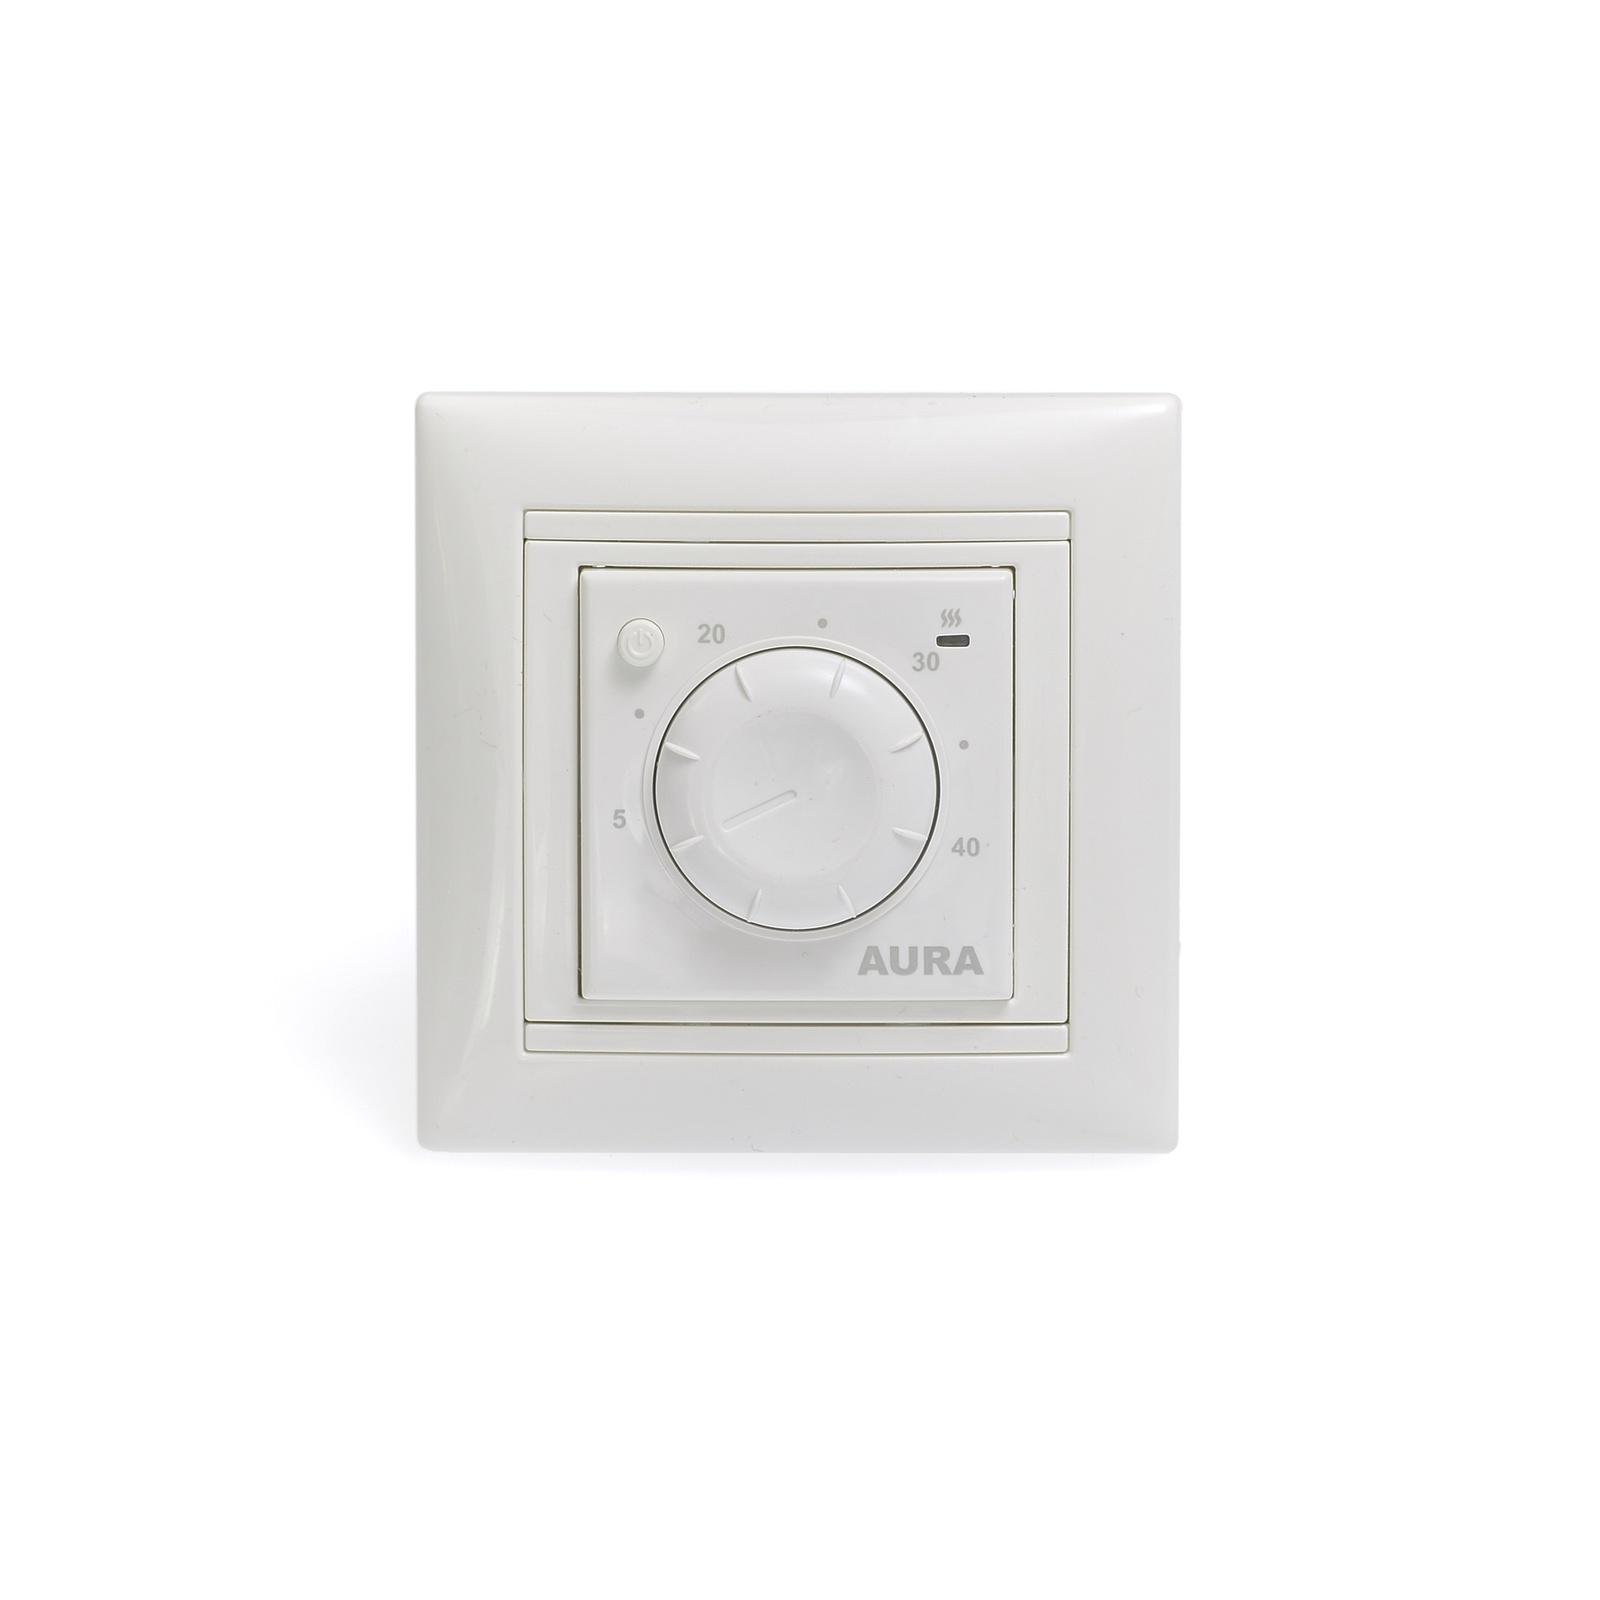 Регулятор теплого пола AURA LTC 030, 3201030, белый цена